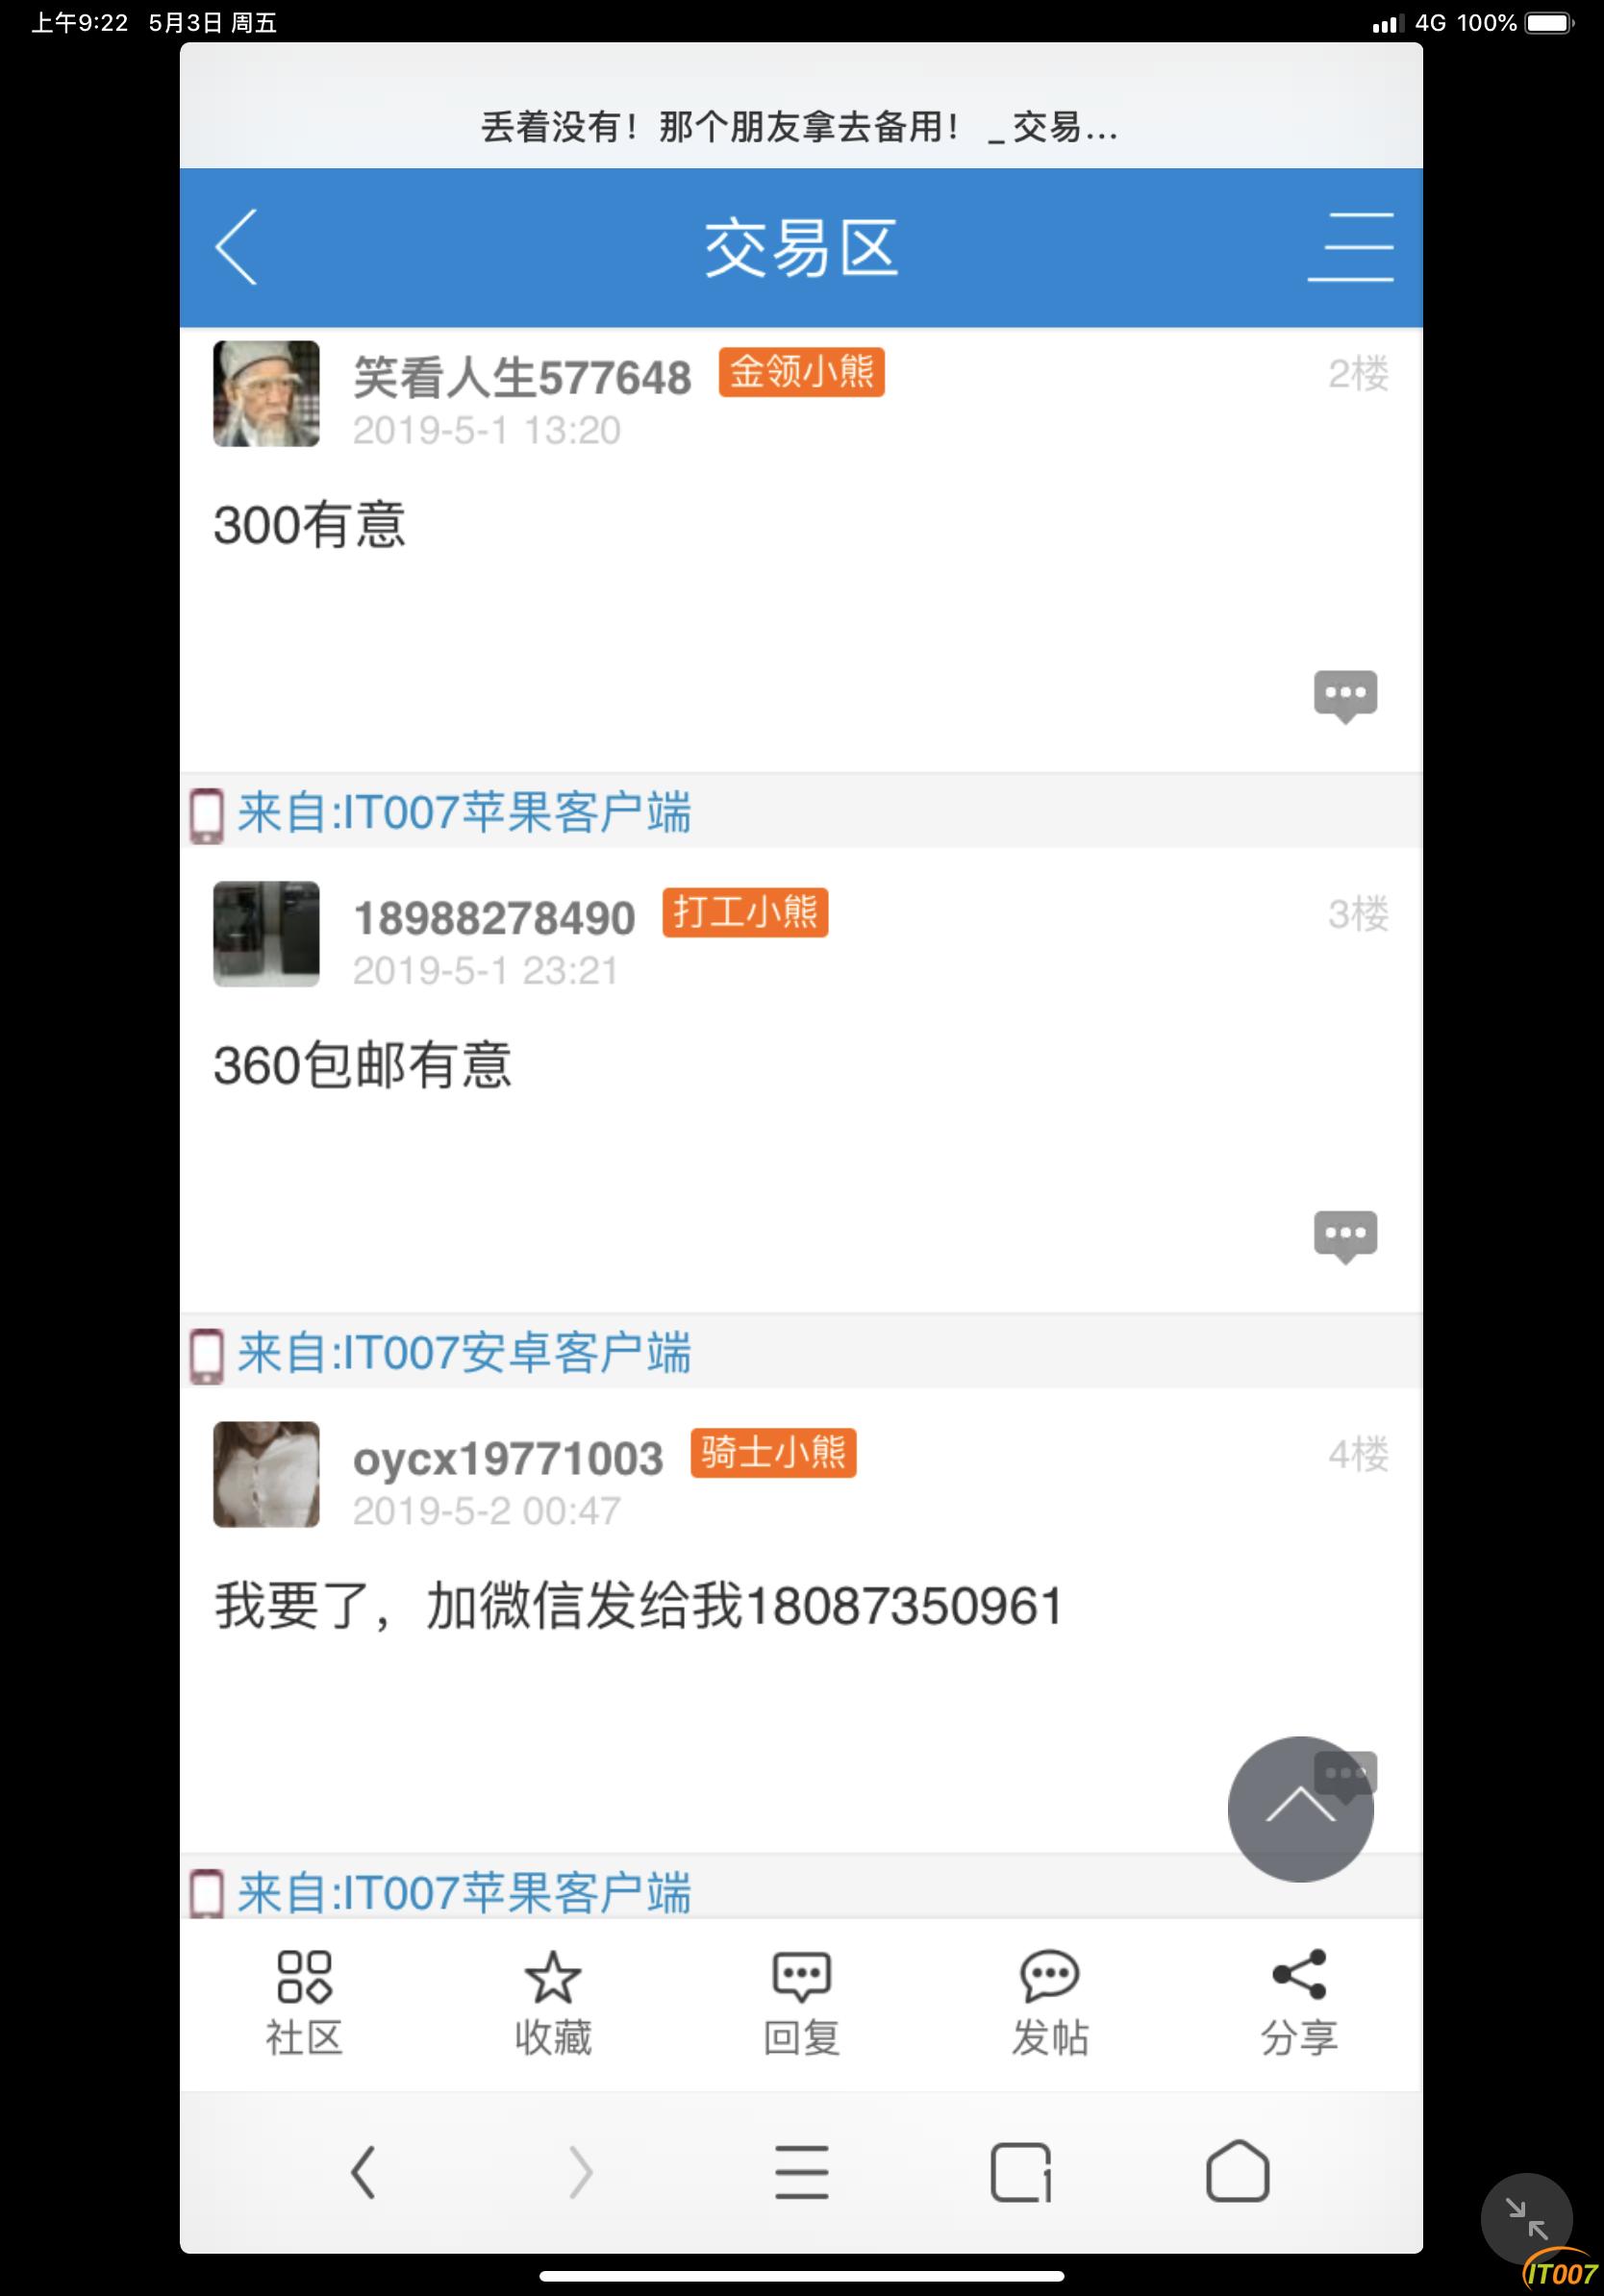 C0EBEF2D-16F9-4E29-AD9F-962C72D9FD1D.png